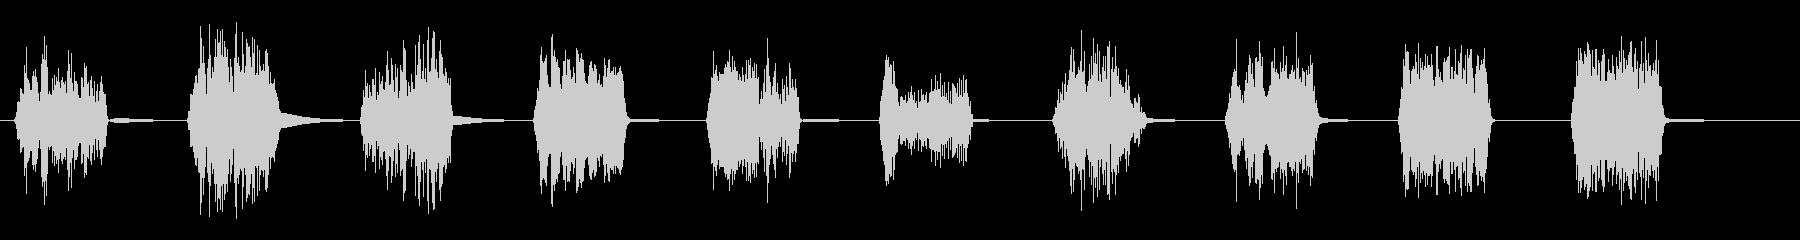 高速スパッタバースト2の未再生の波形